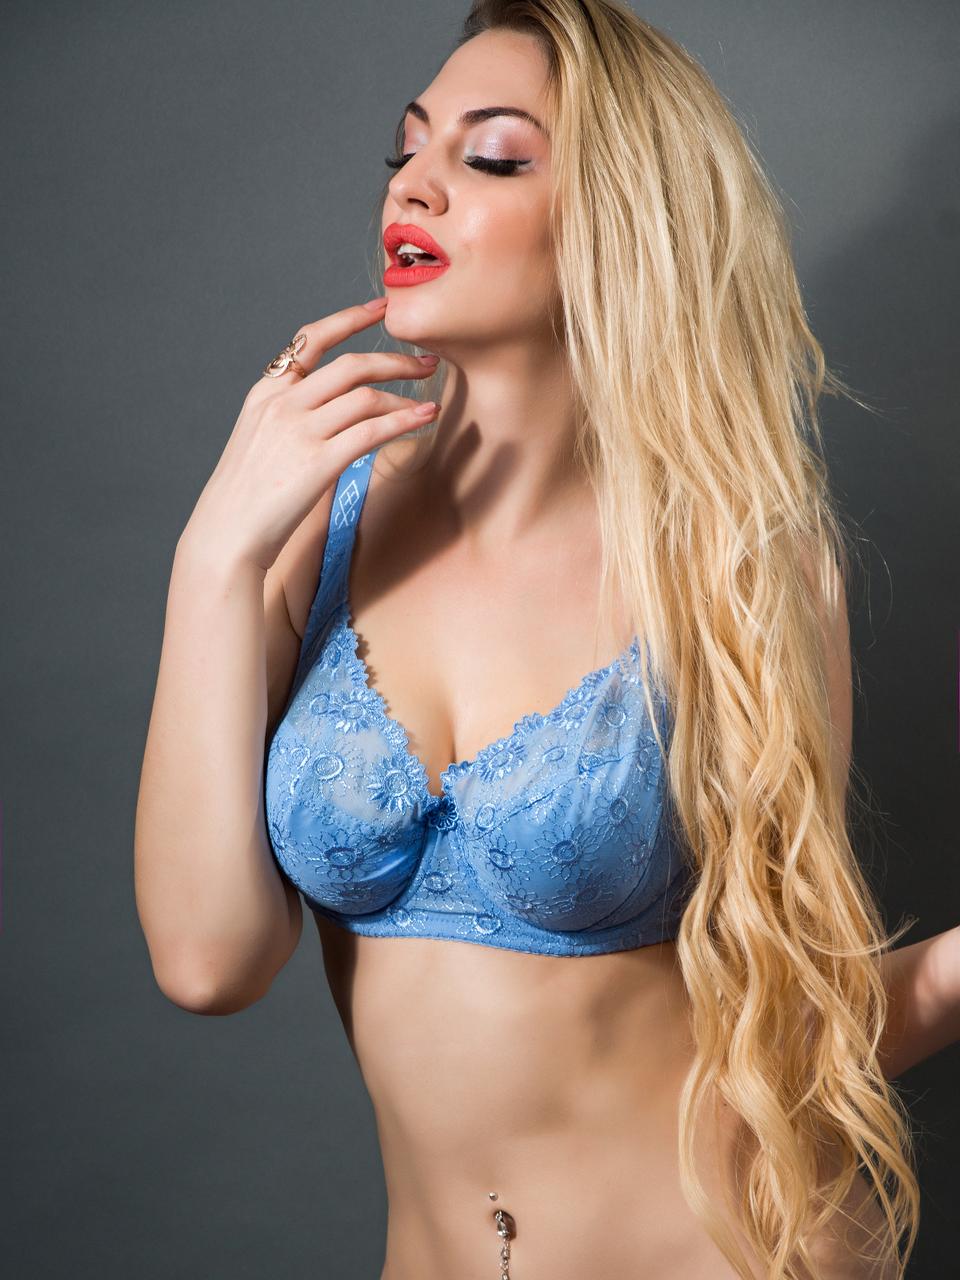 Бюстгальтер Diorella 38002E, колір Блакитний,  розмір 80E